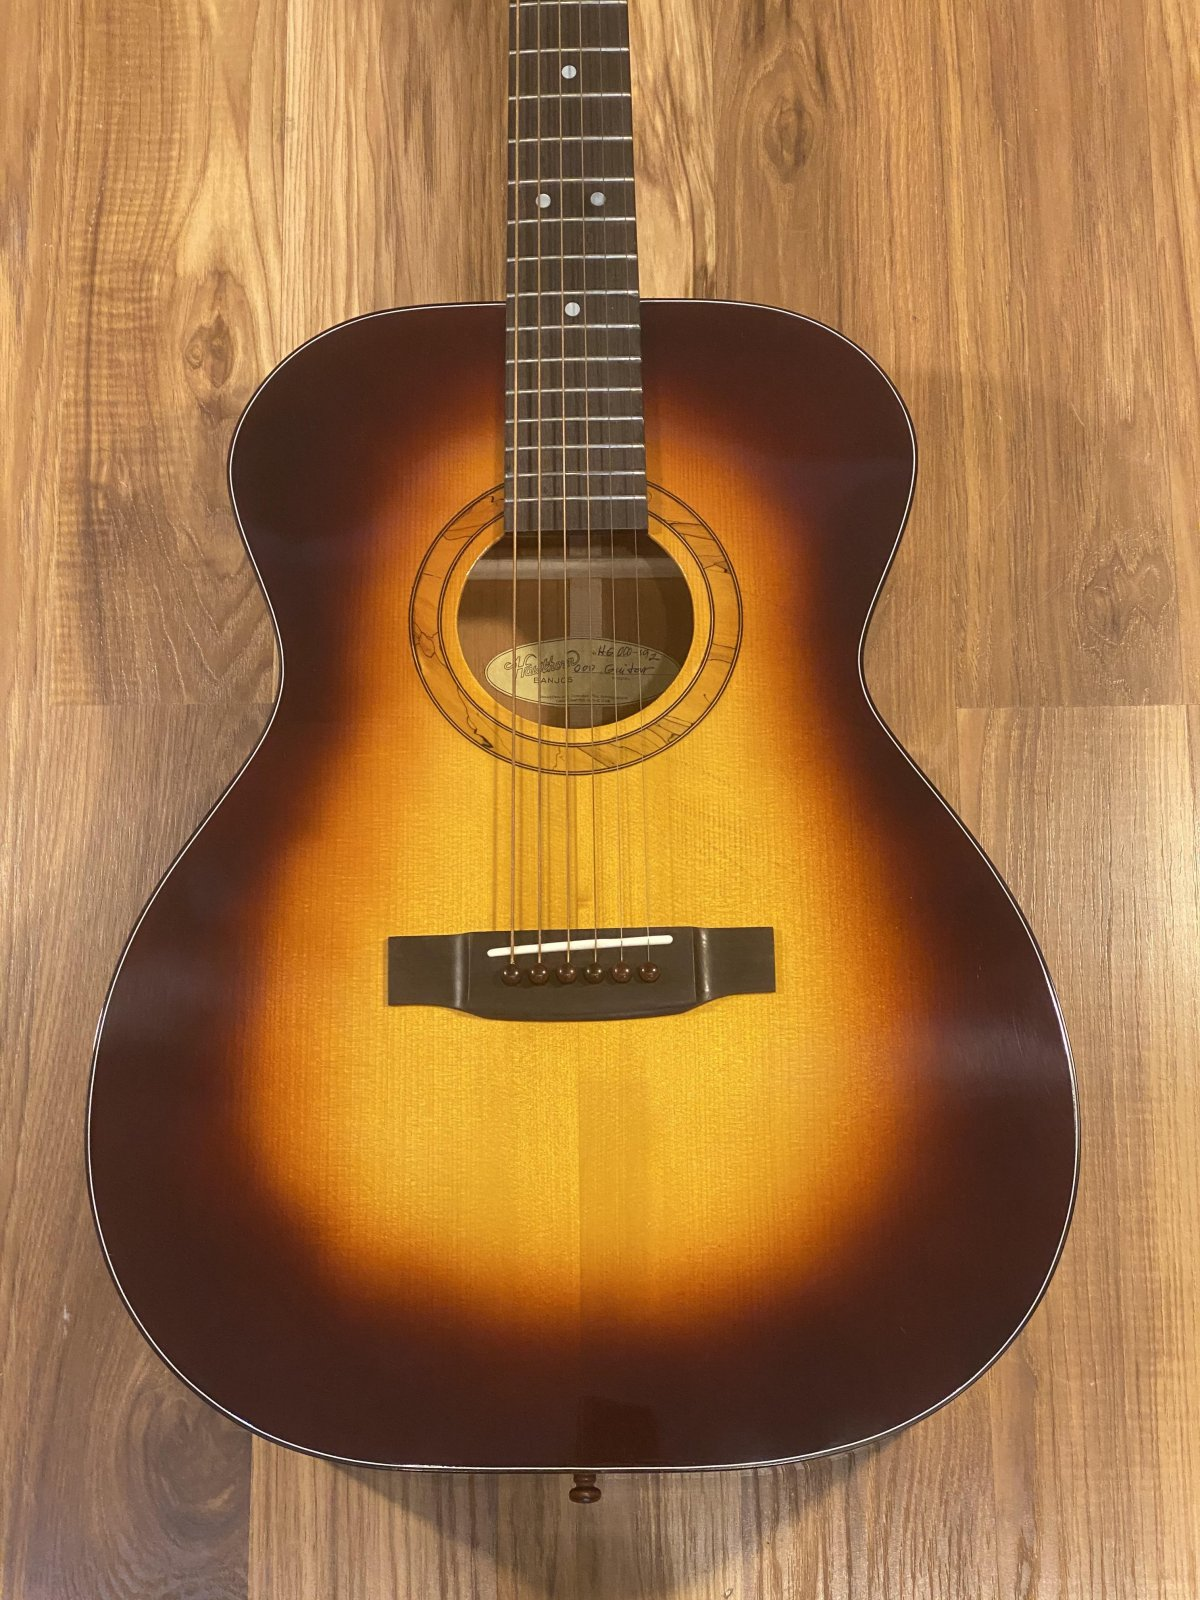 Hawthorn 000 Acoustic Guitar Sunburst Adirondack Spruce/Mahogany